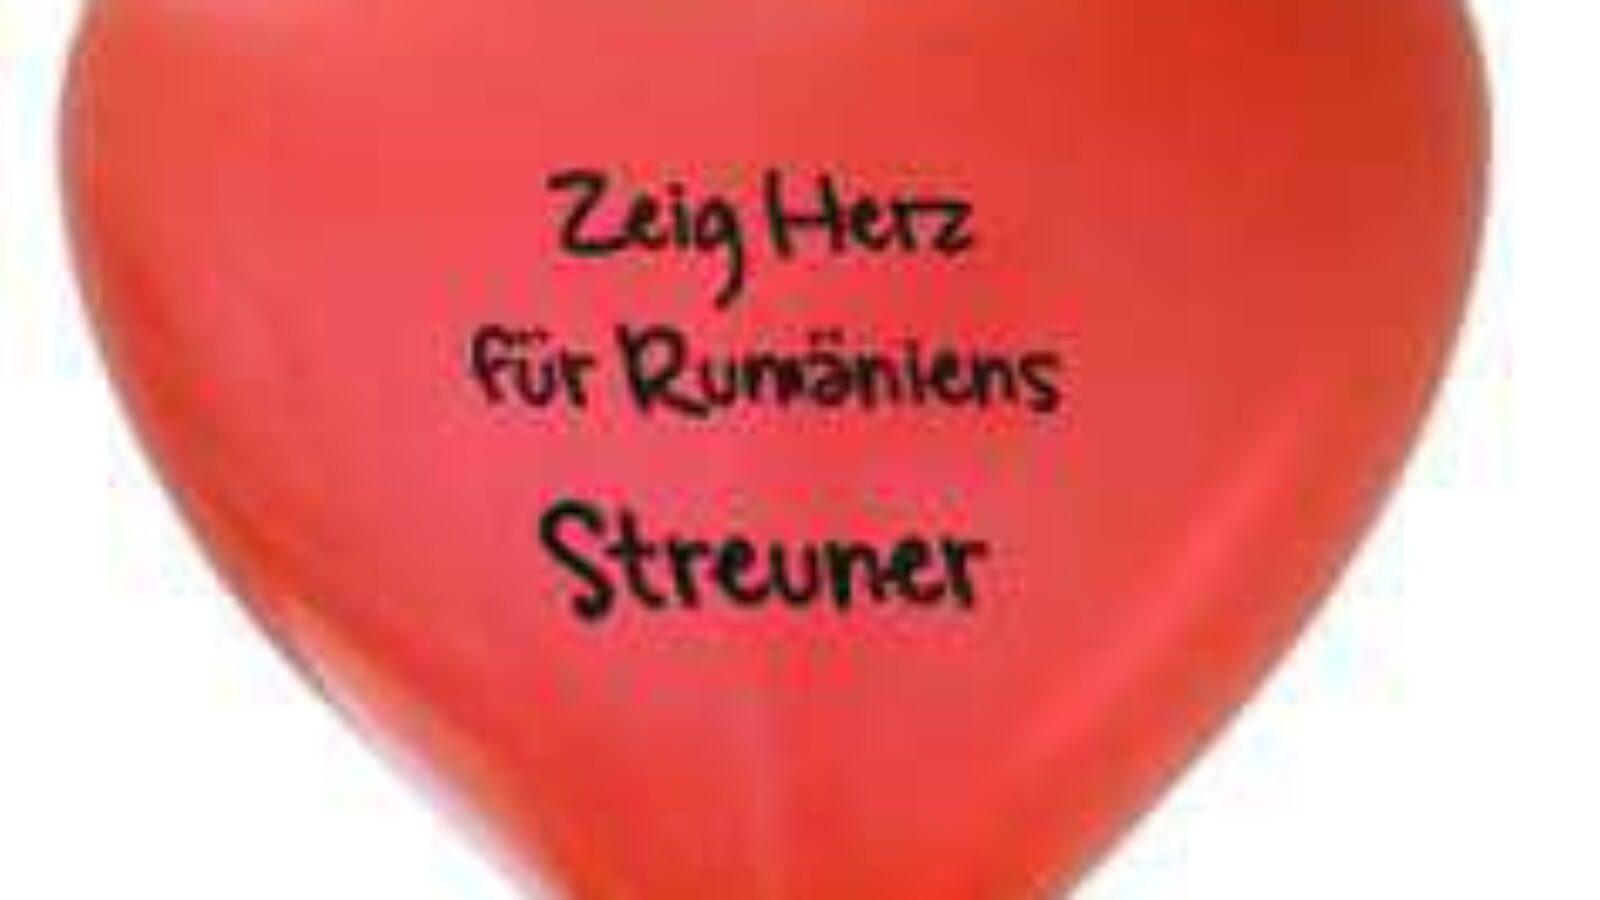 Hamburger Hunde demonstrieren für rumänische Streuner